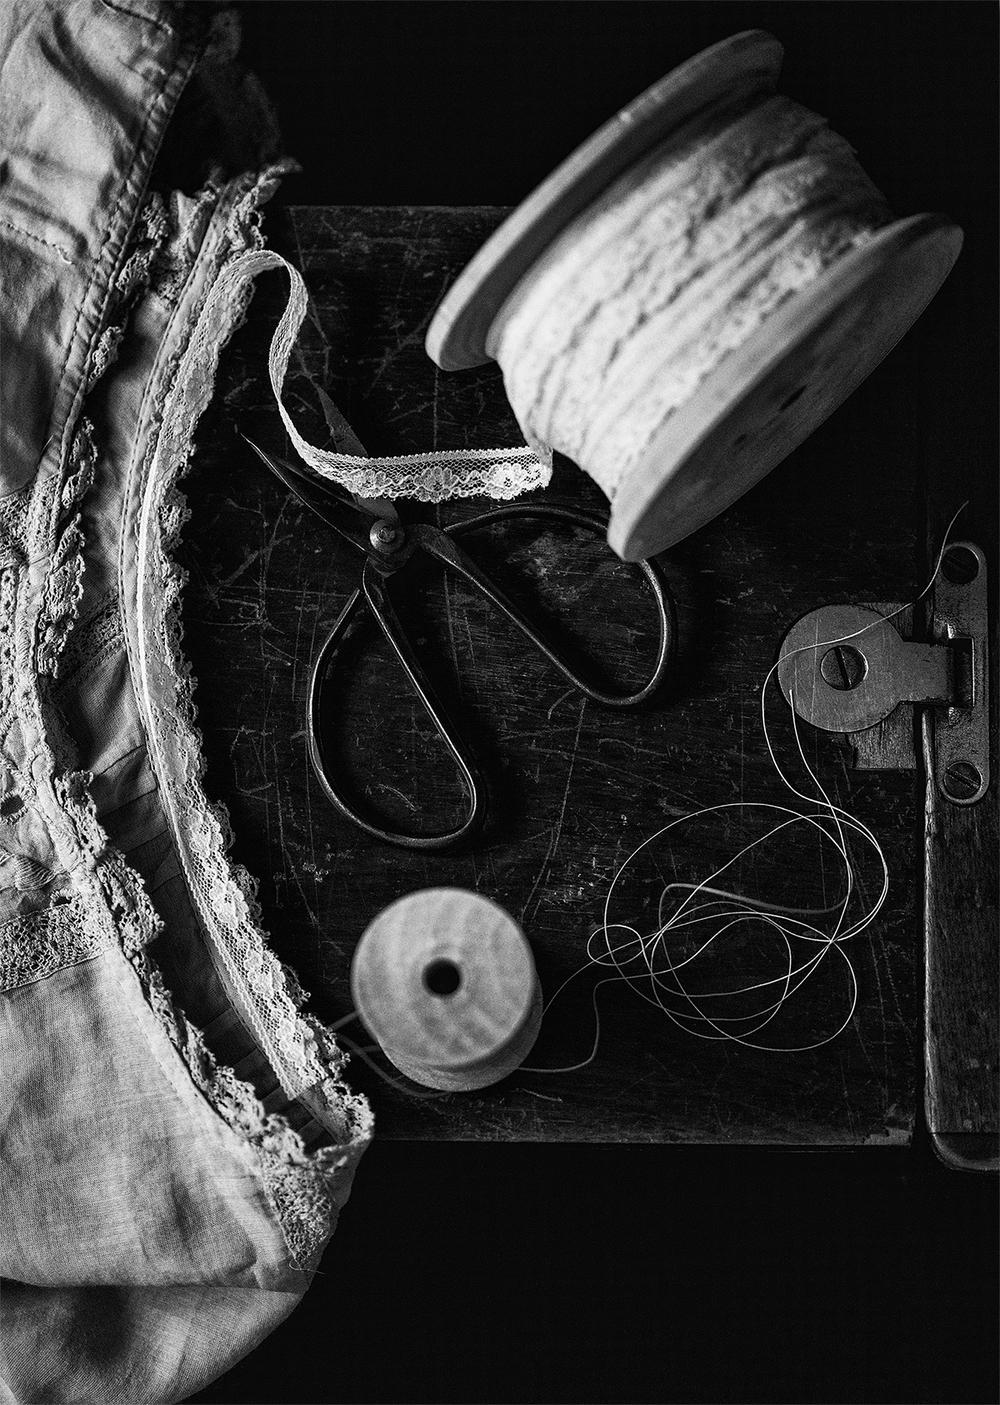 The Dressmaker - Image#1 of 3